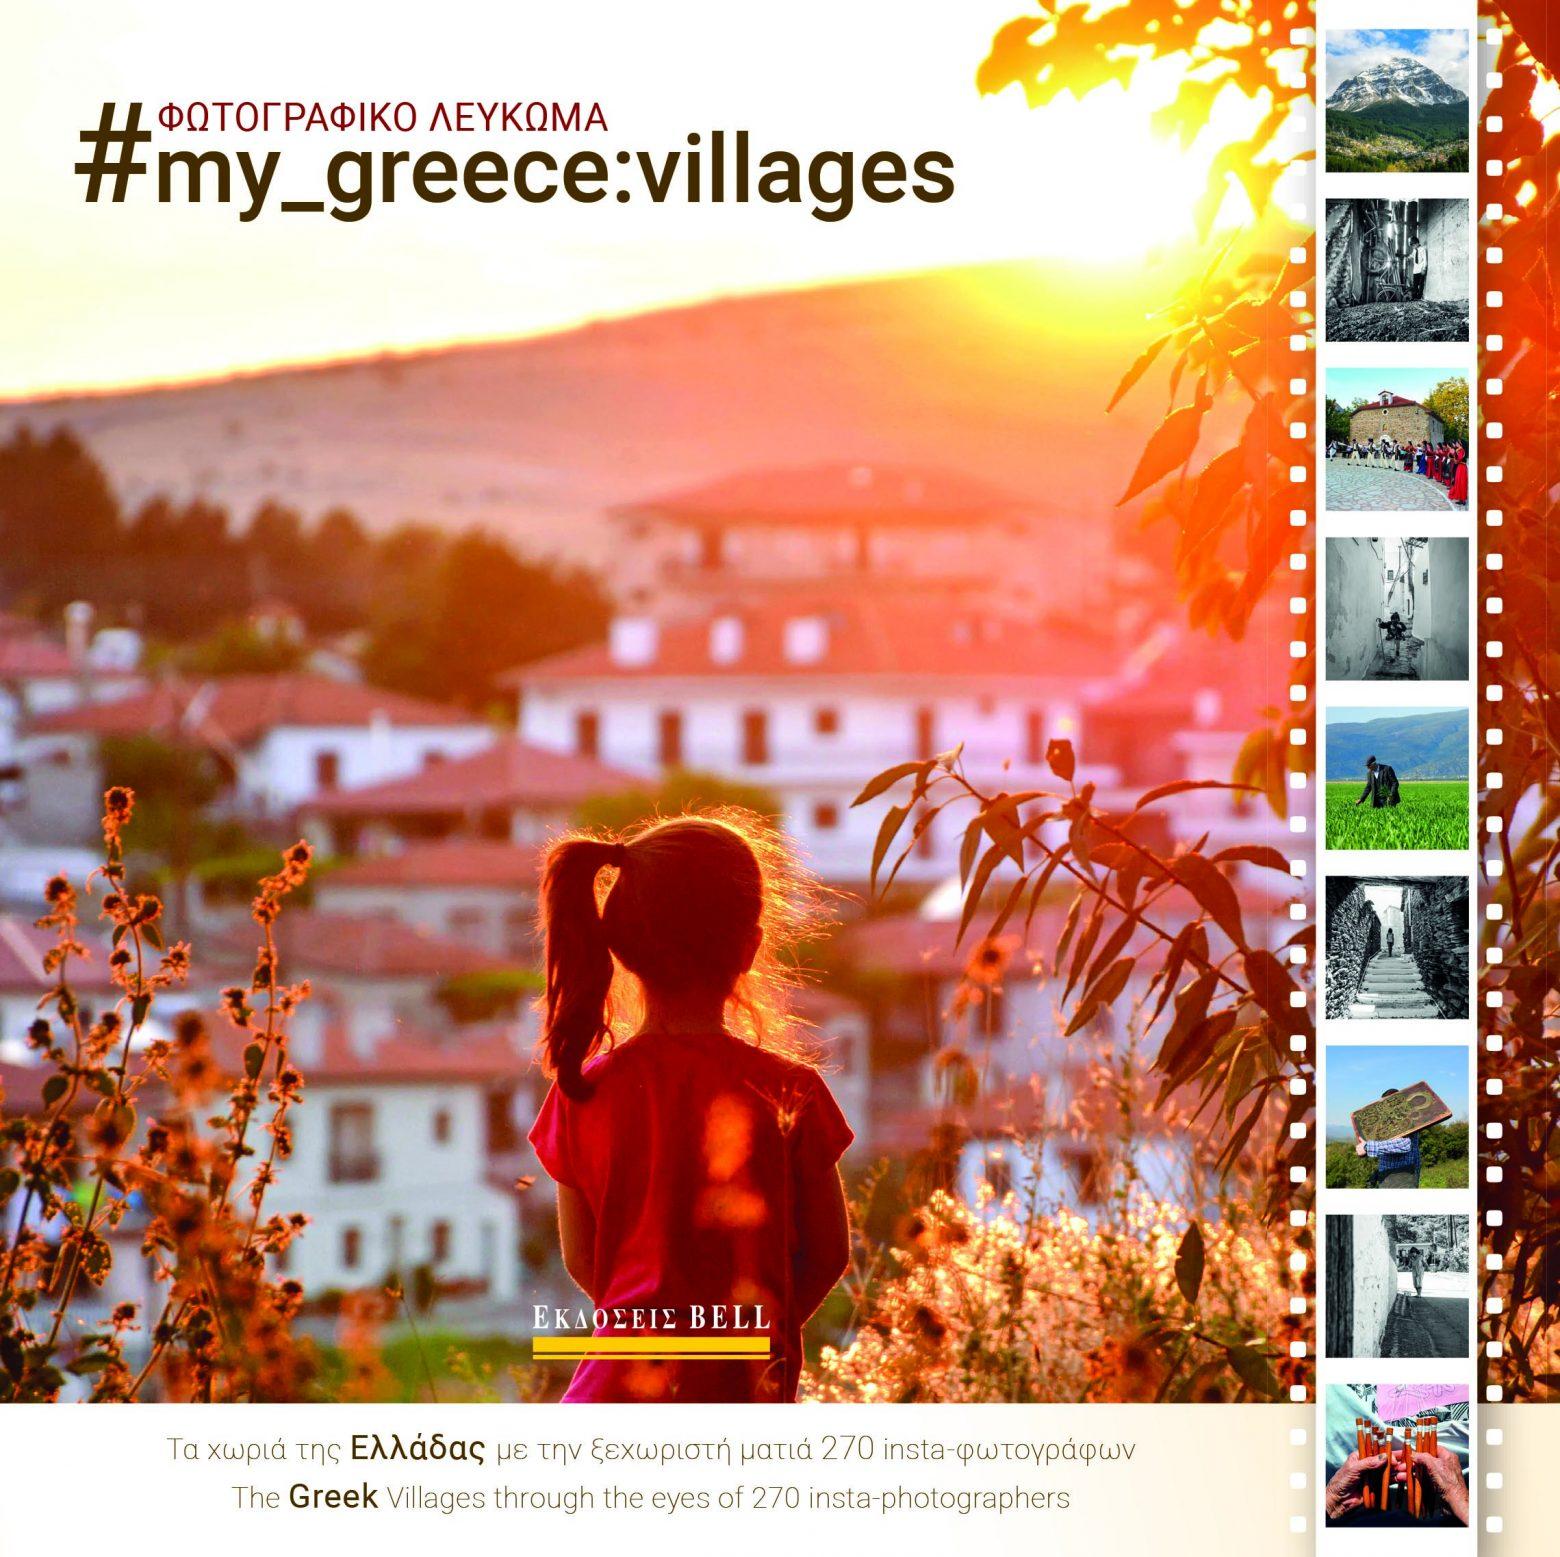 Τα χωριά της Ελλάδας με την ξεχωριστή ματιά 270 Insta-φωτογράφων